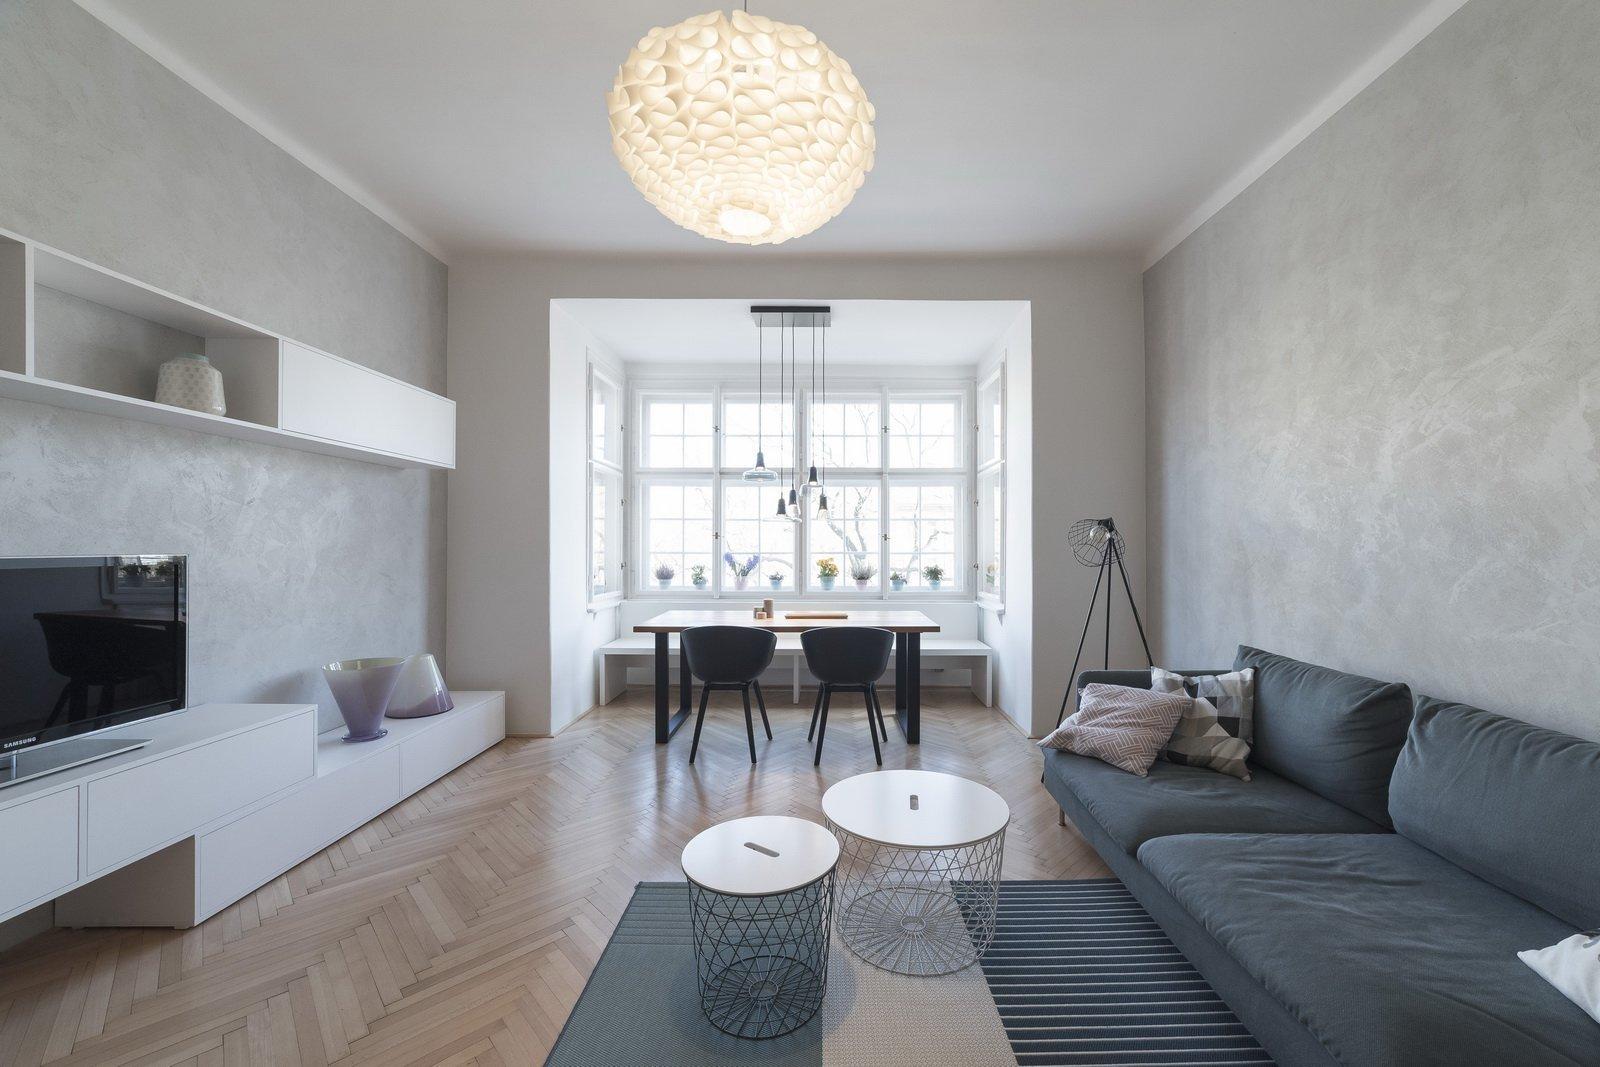 Byt v klasické činžovní zástavbě starých Holešovic je specifický svými prosklenými plochami. V návrhu byla zachována původní dispozice bytu, která je typická…